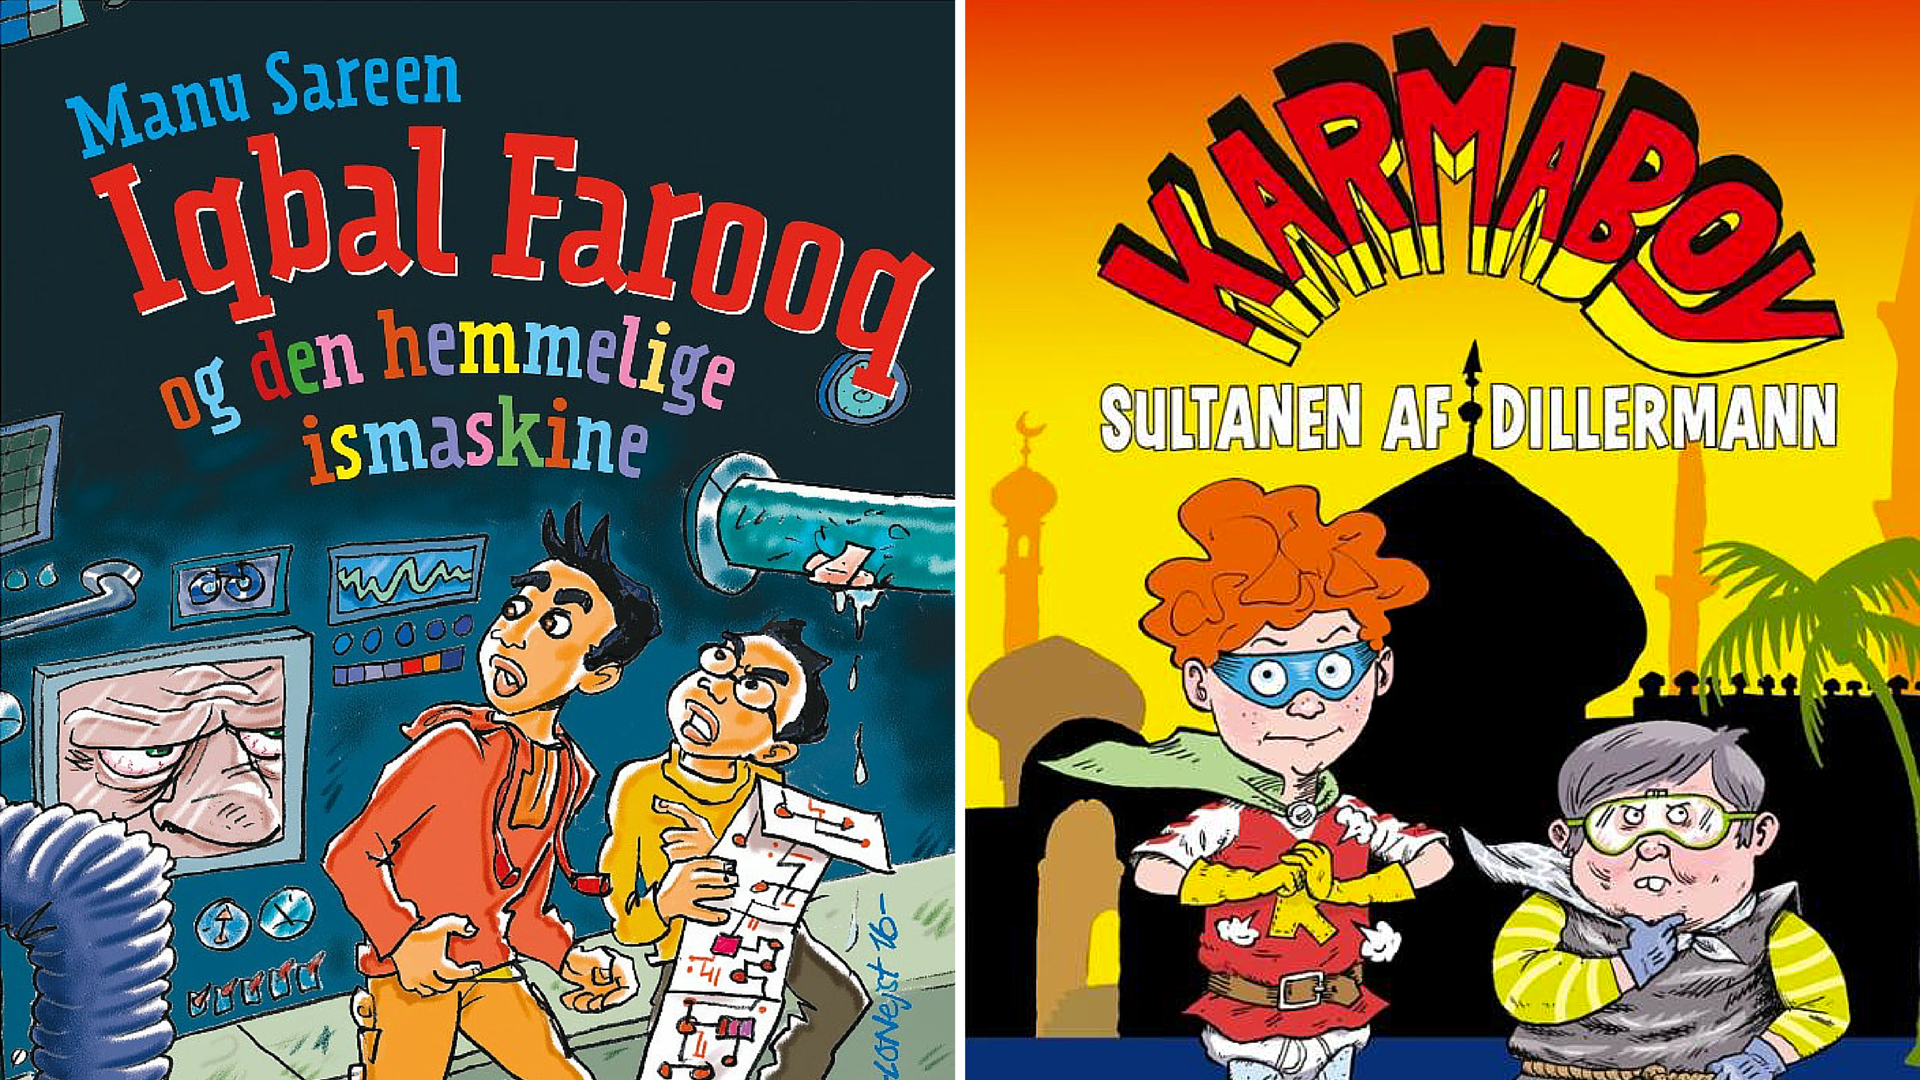 børnebøger 8 år